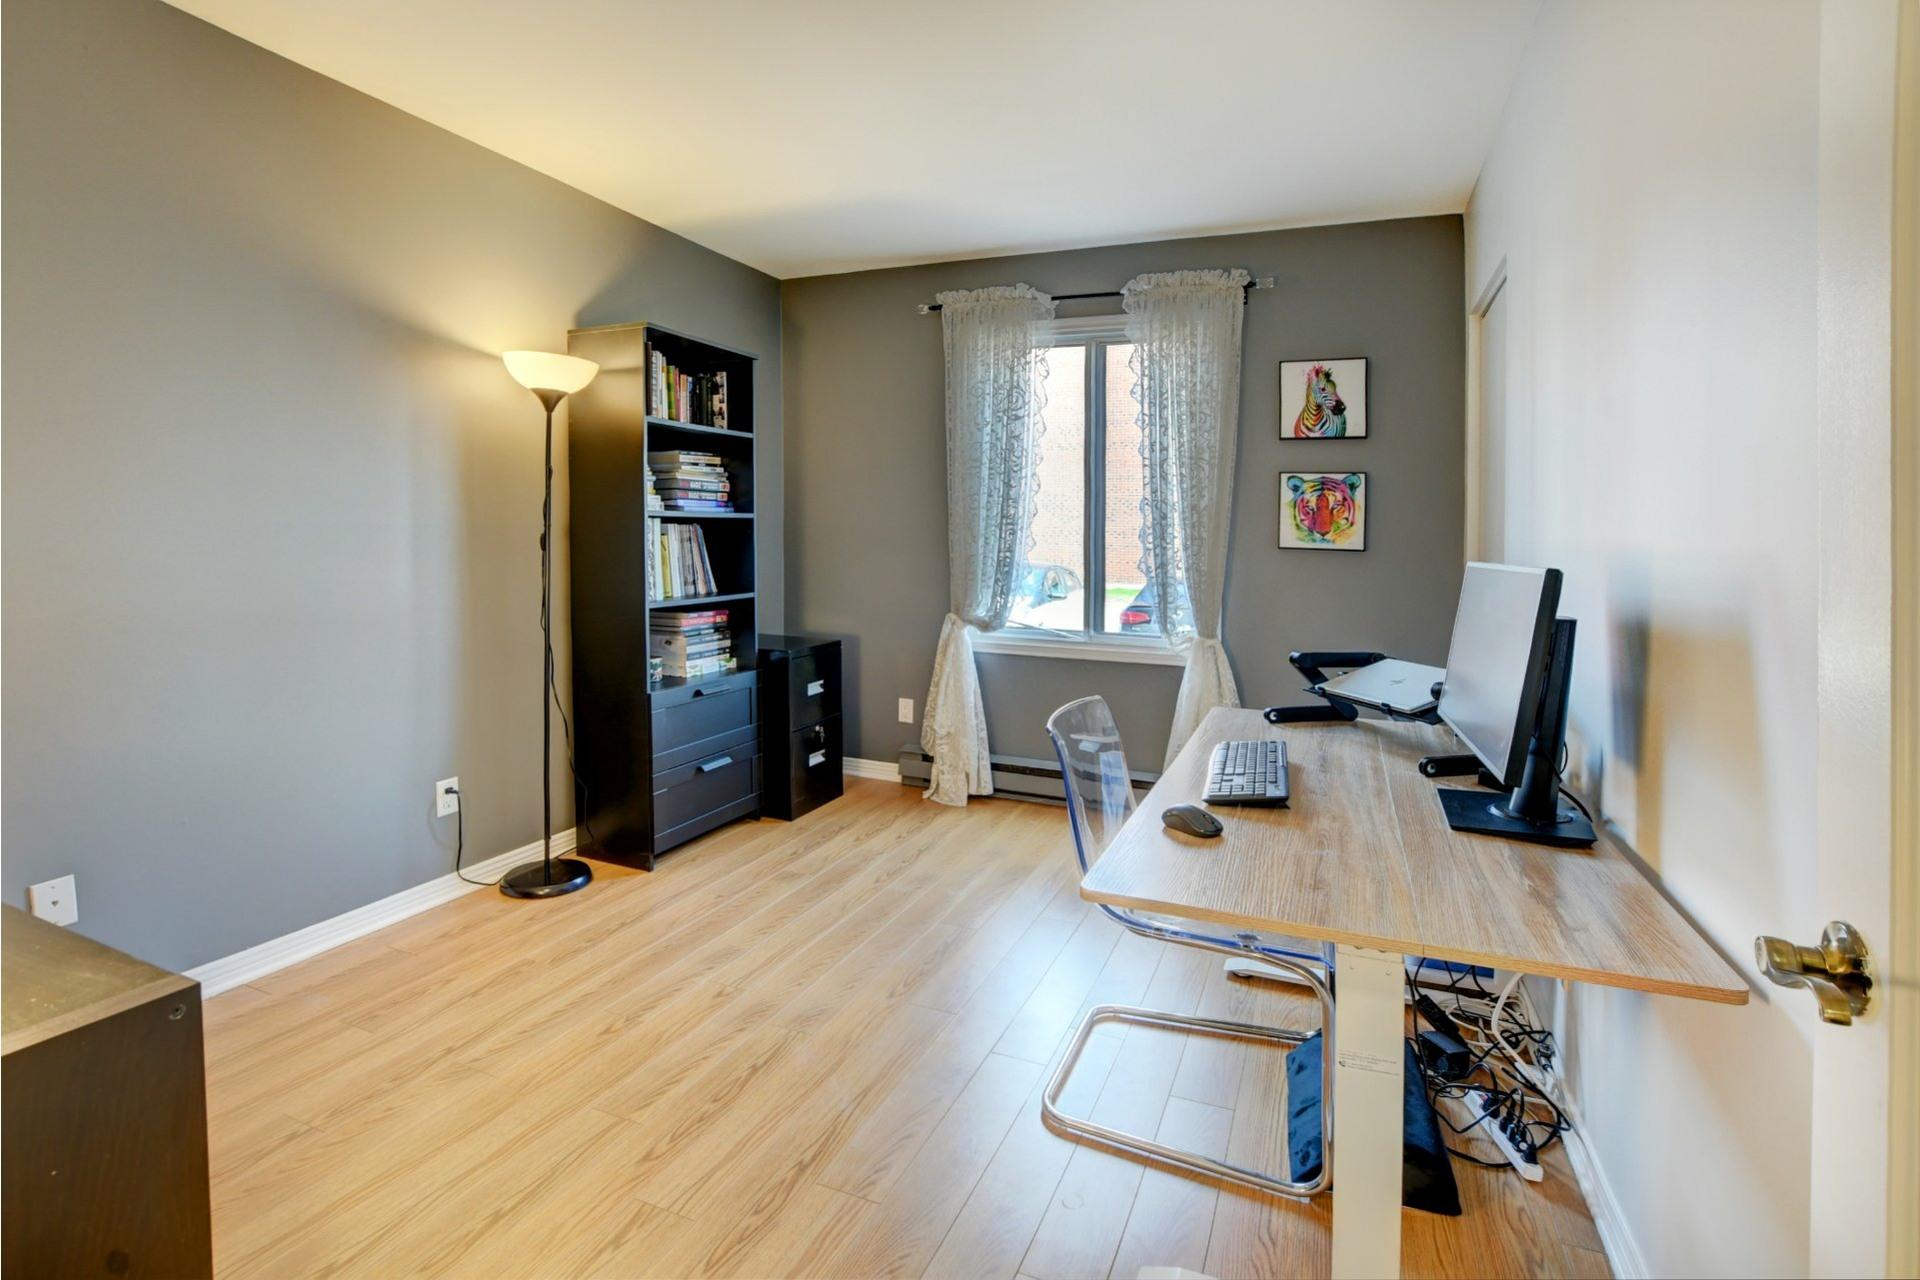 image 15 - Apartment For sale Rivière-des-Prairies/Pointe-aux-Trembles Montréal  - 9 rooms